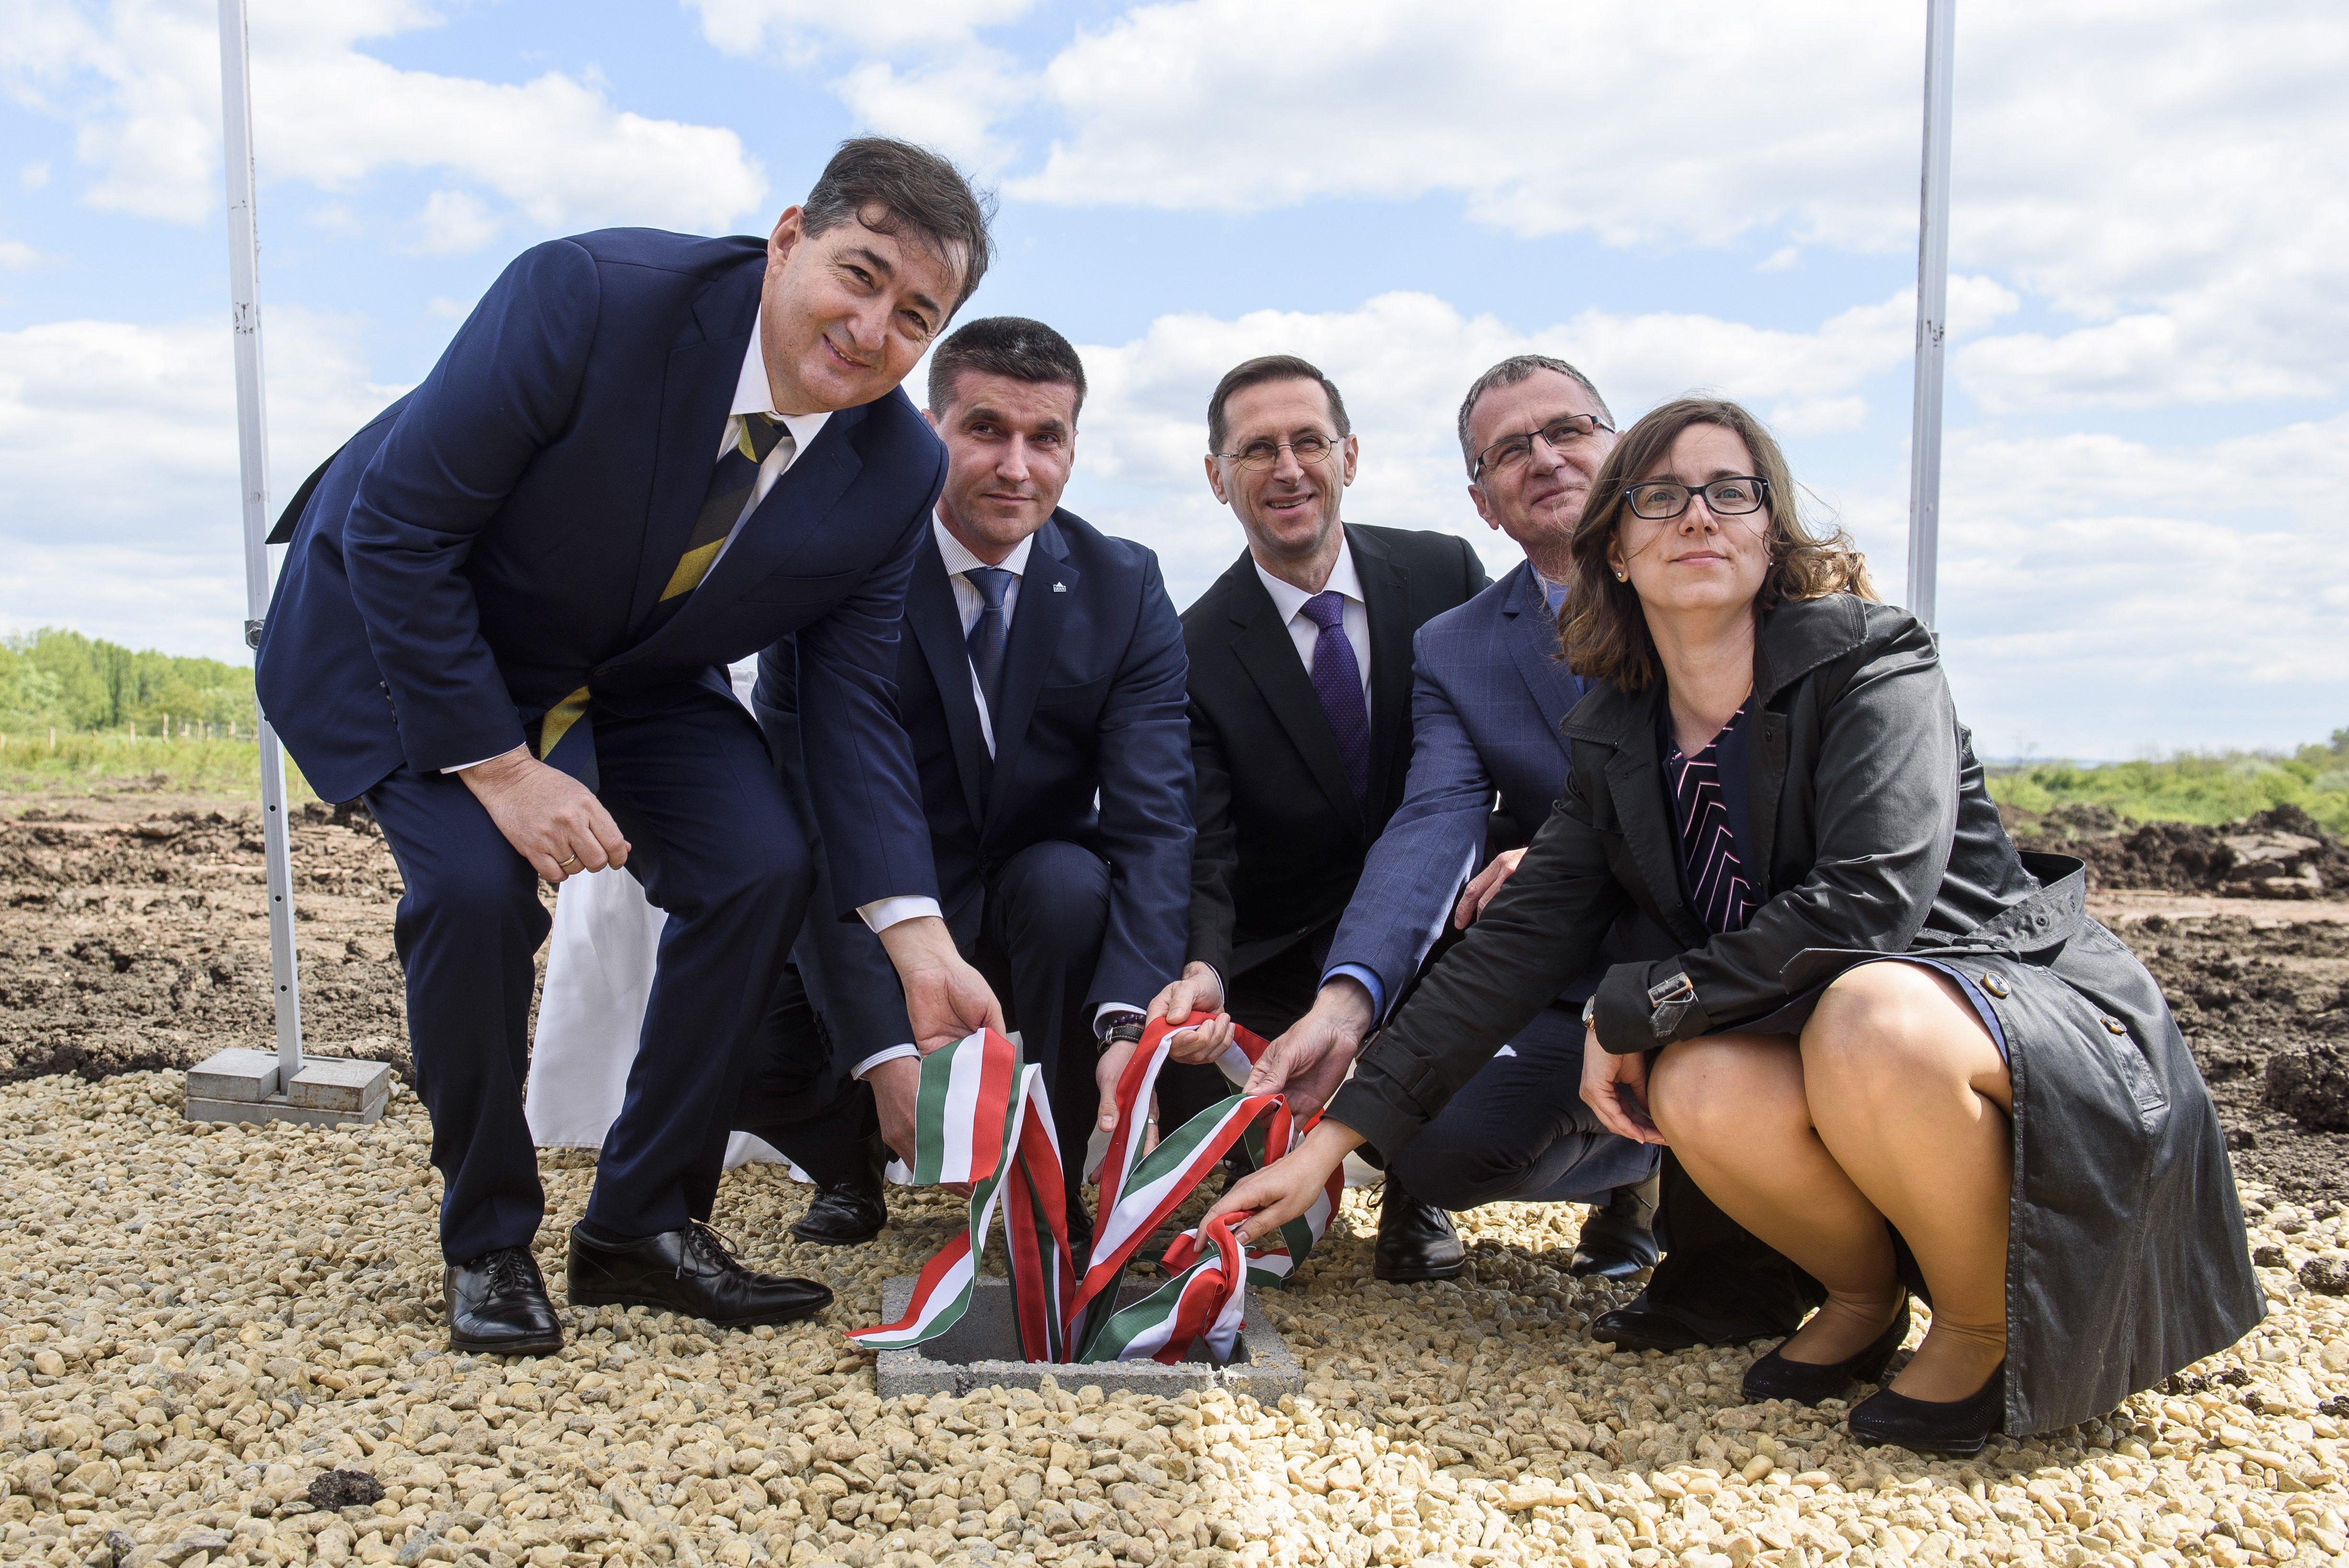 Mészáros Lőrinc 6,2 milliárdos kormányzati támogatással építi meg Magyarország egyetlen búzakeményítő gyárát